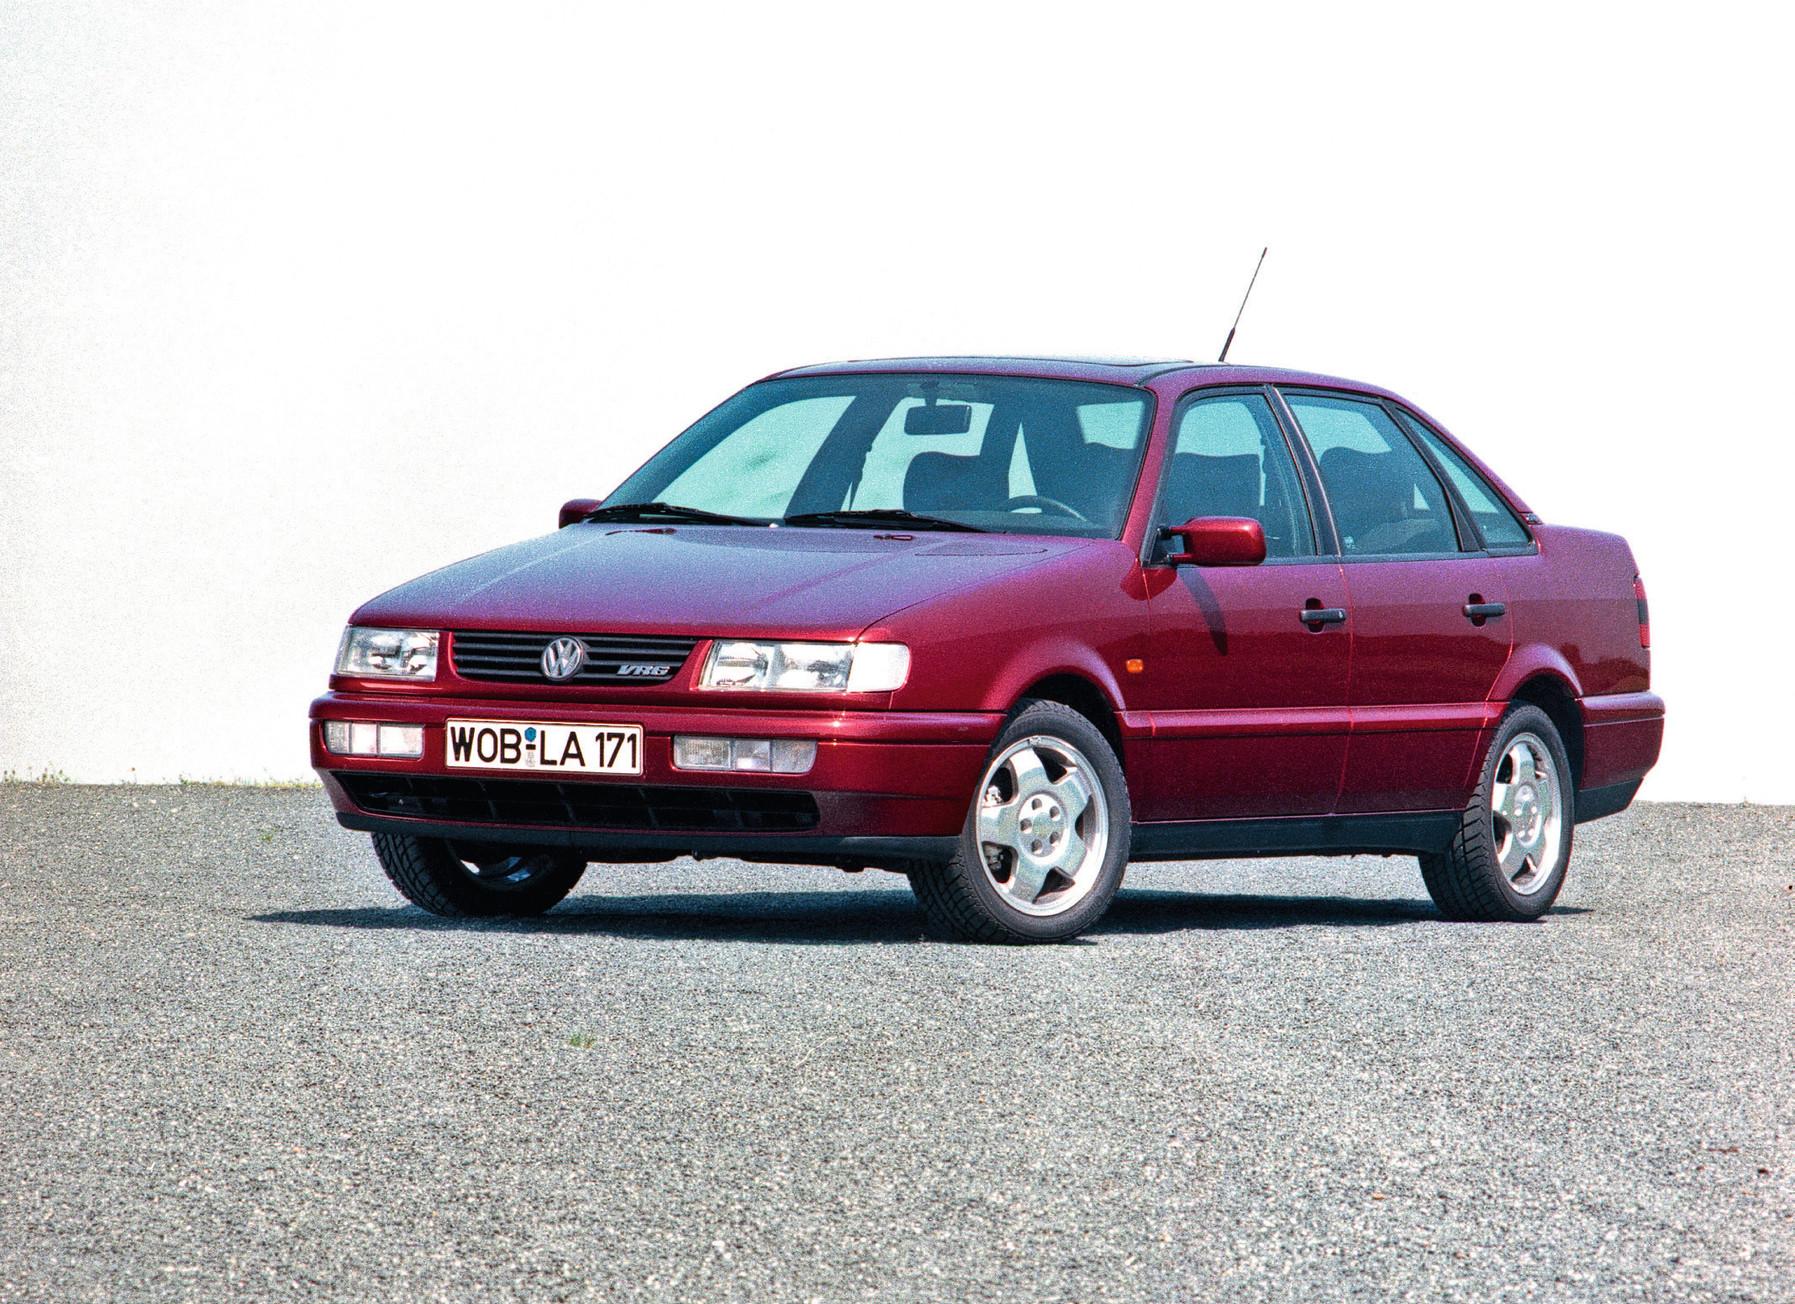 Passat VR6 (1993)